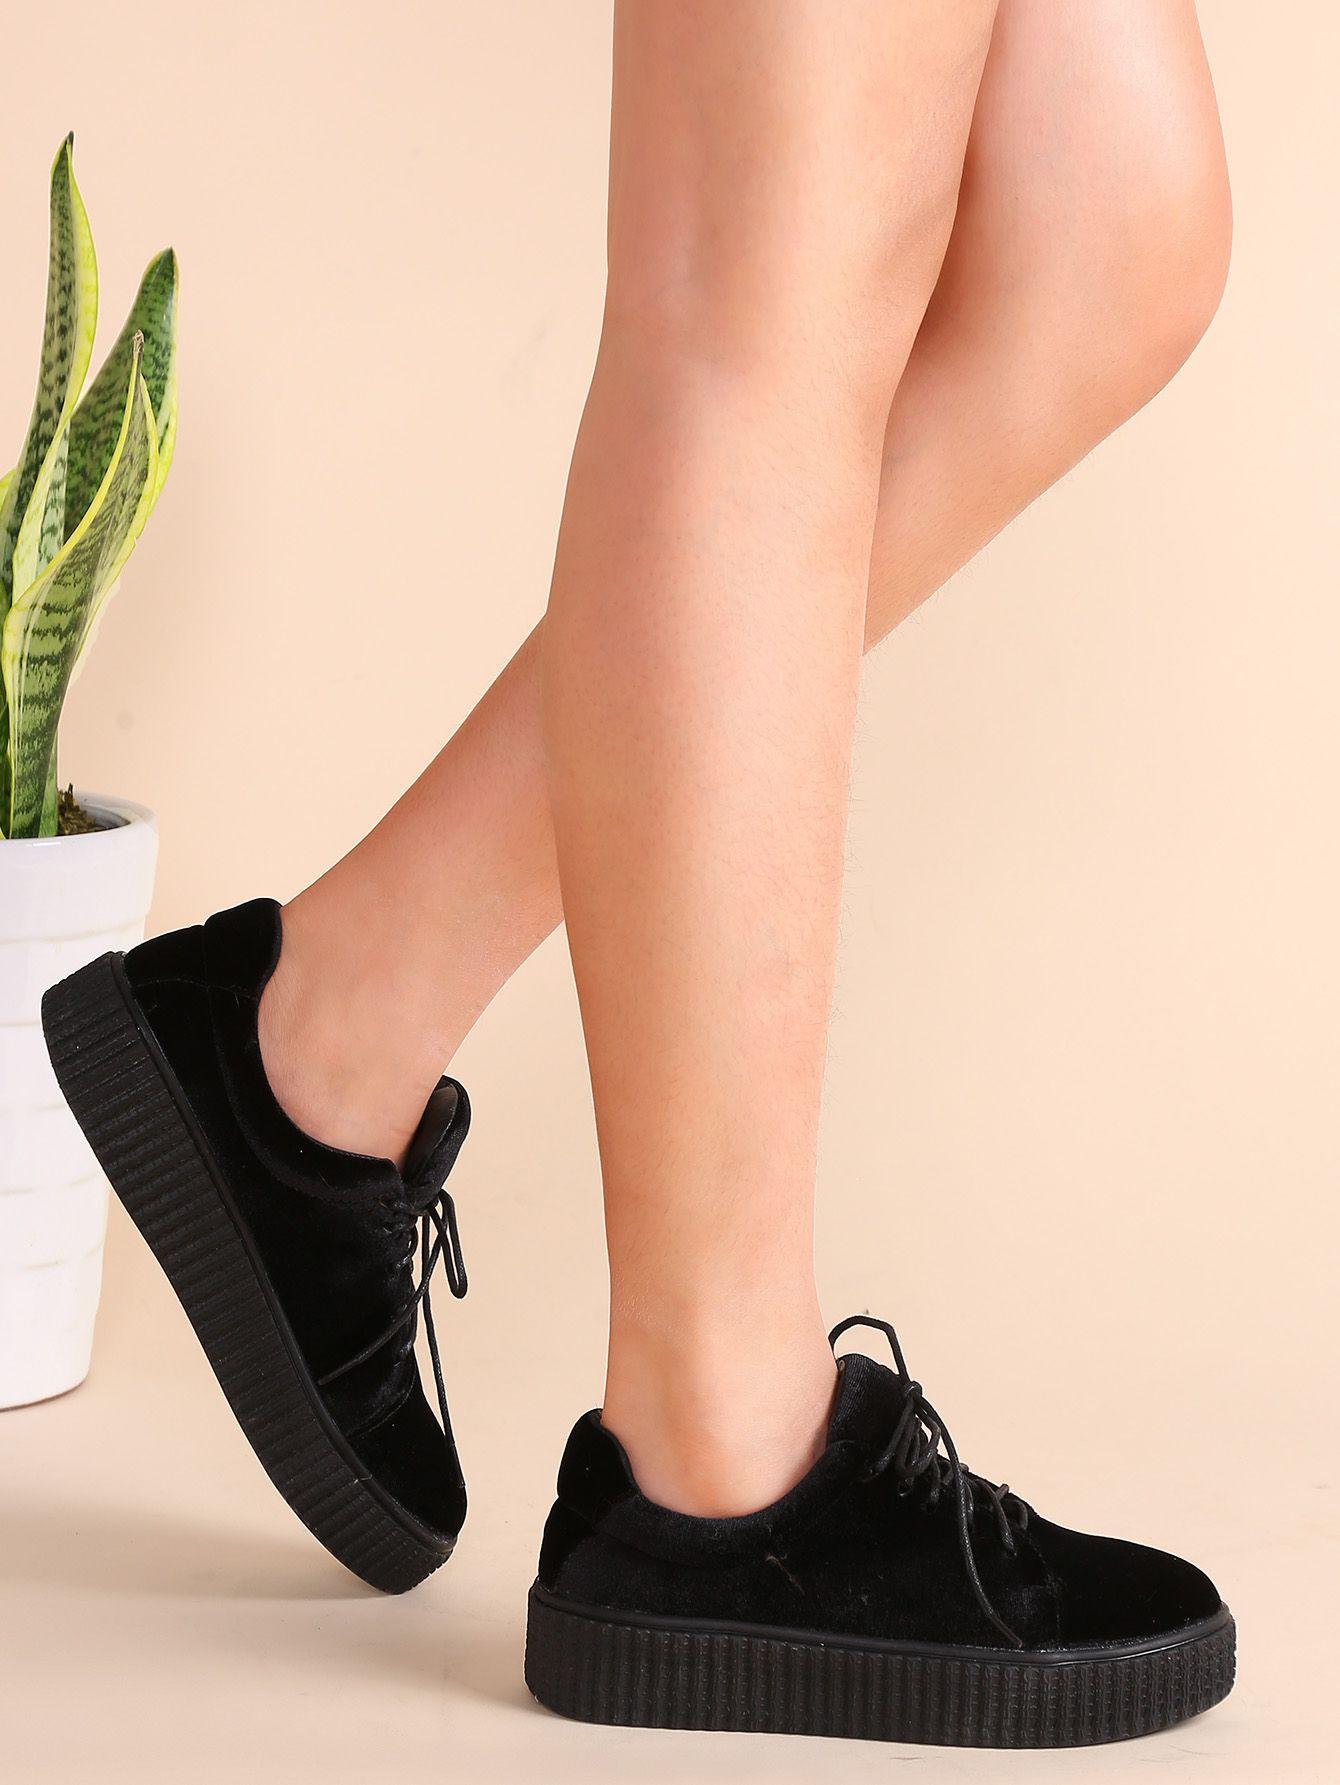 7b4d916aec6b Shop Black Lace Up Velvet Platform Shoes online. SheIn offers Black Lace Up  Velvet Platform Shoes   more to fit your fashionable needs.